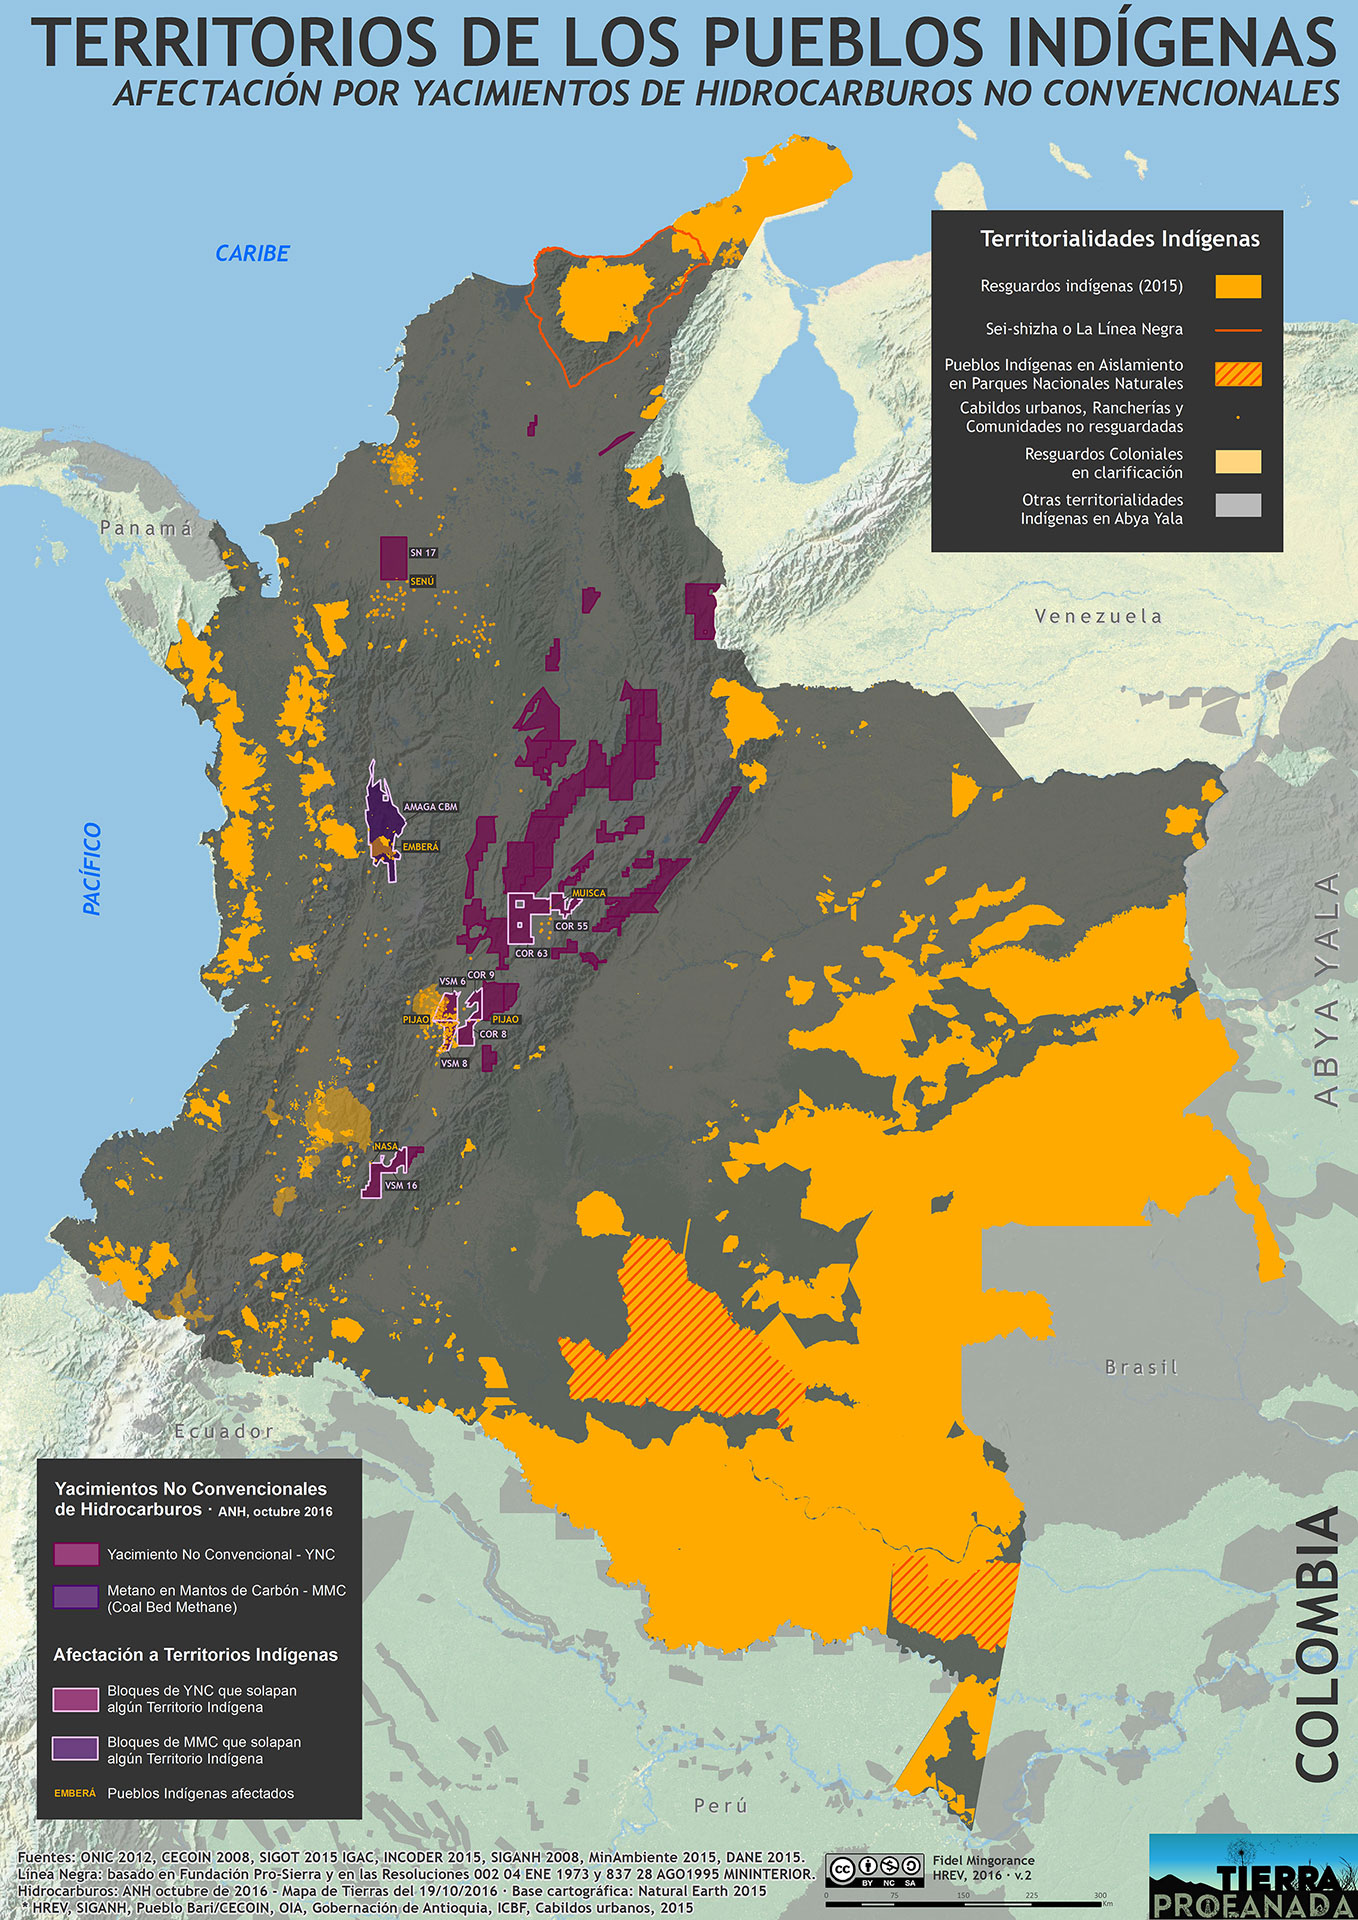 Territorios indigenas y yacimientos no convencionales hidrocarburos 2016